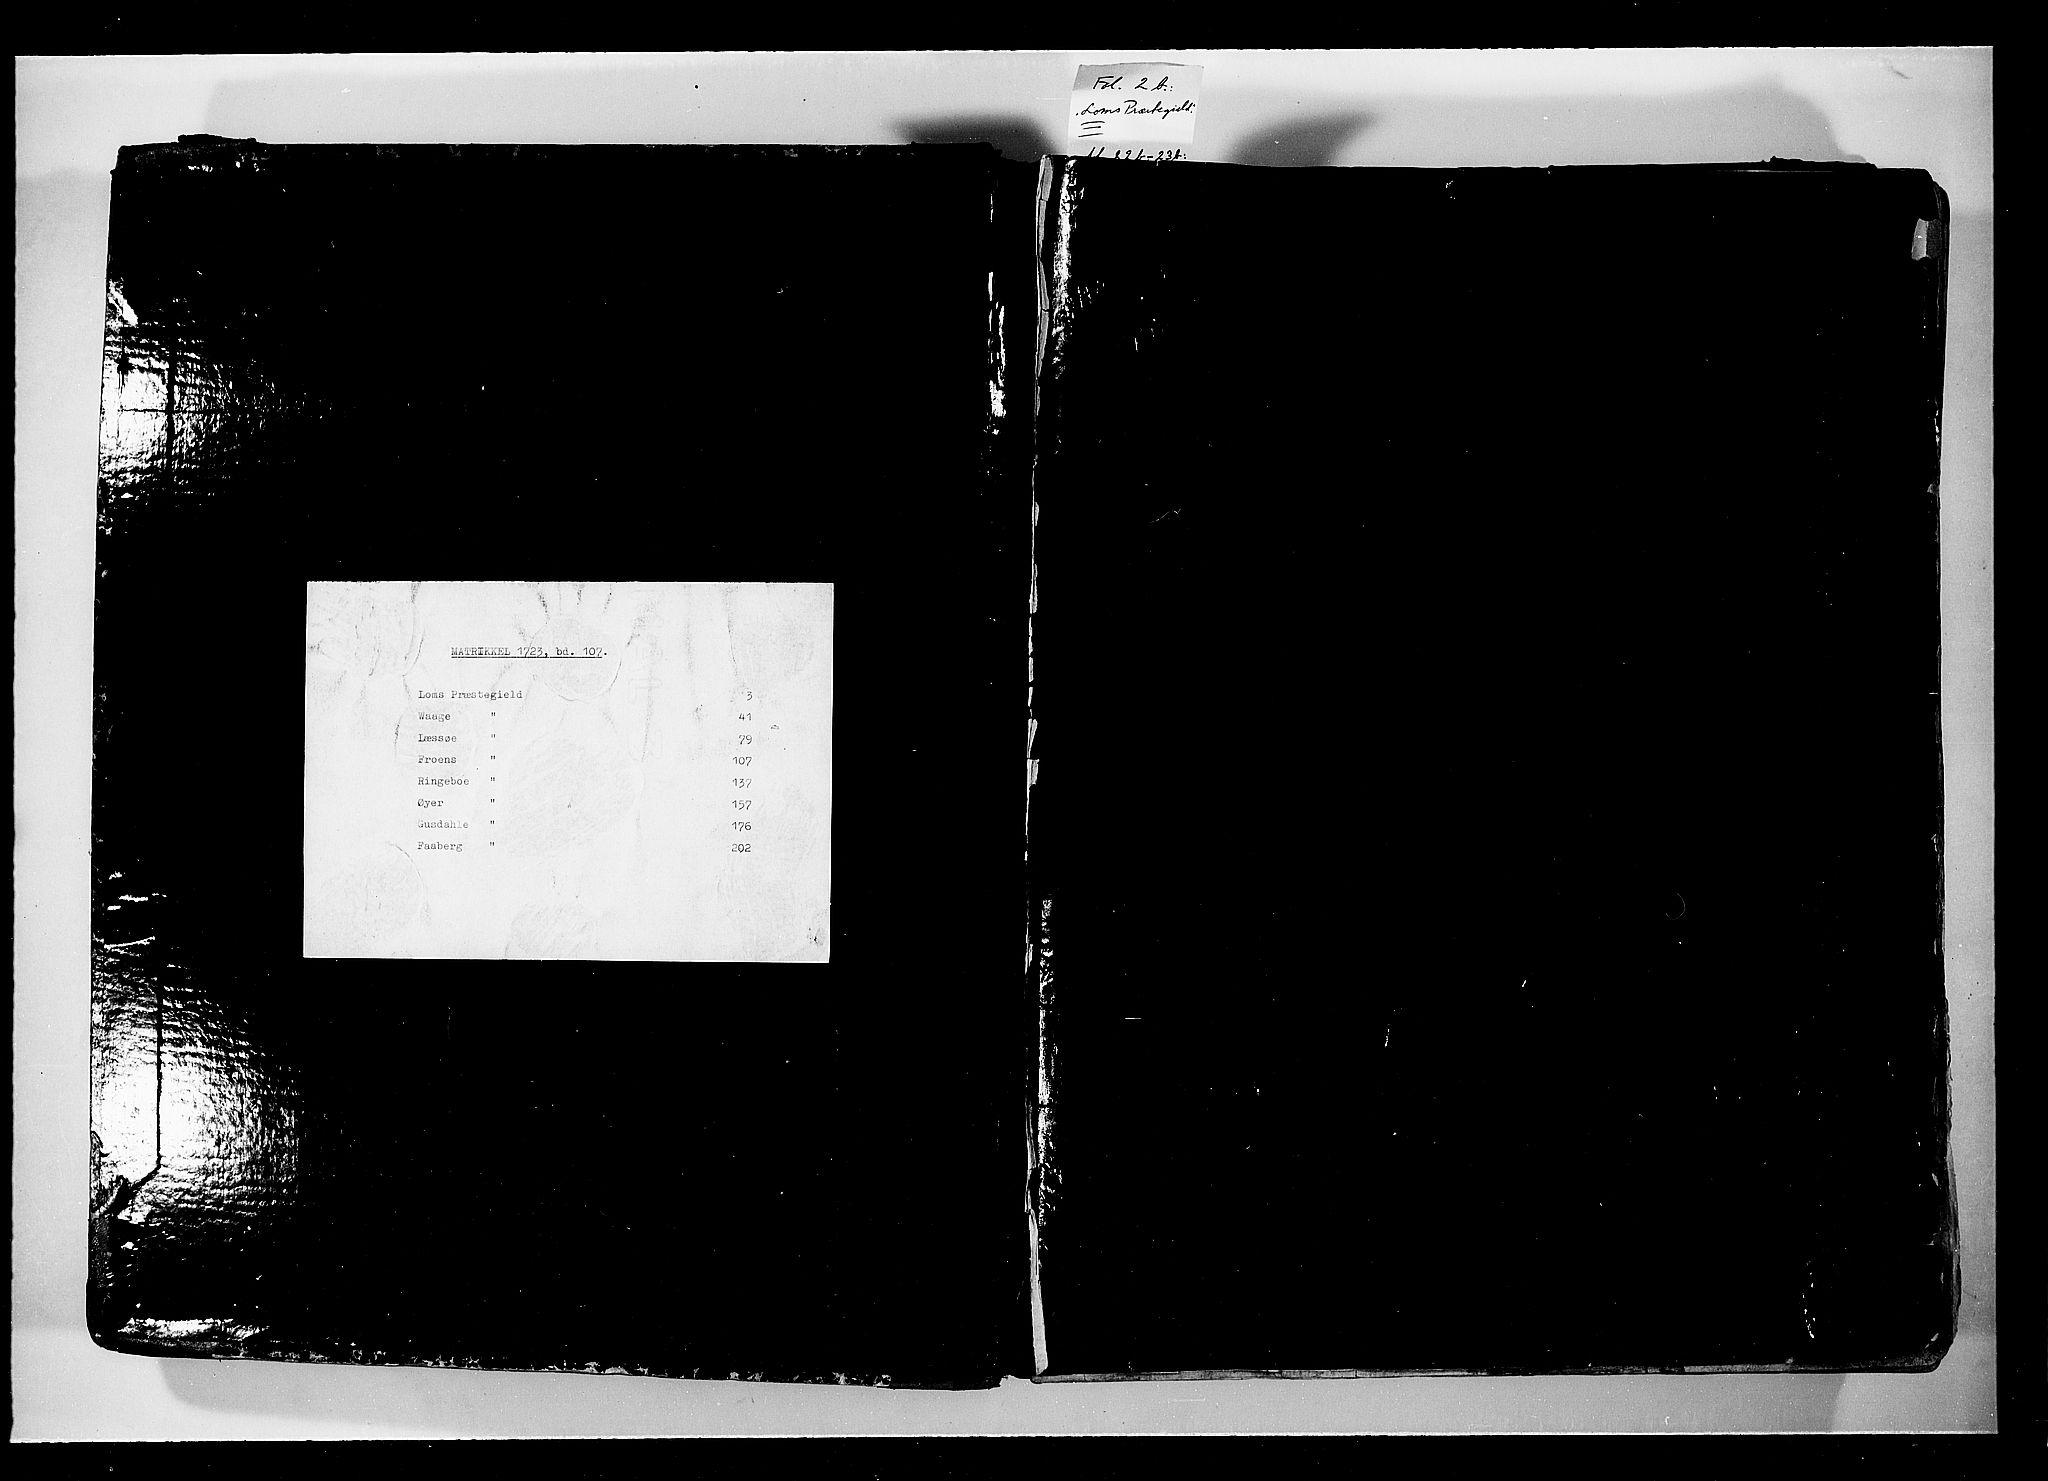 RA, Rentekammeret inntil 1814, Realistisk ordnet avdeling, N/Nb/Nbf/L0107: Gudbrandsdalen eksaminasjonsprotokoll, 1723, s. upaginert